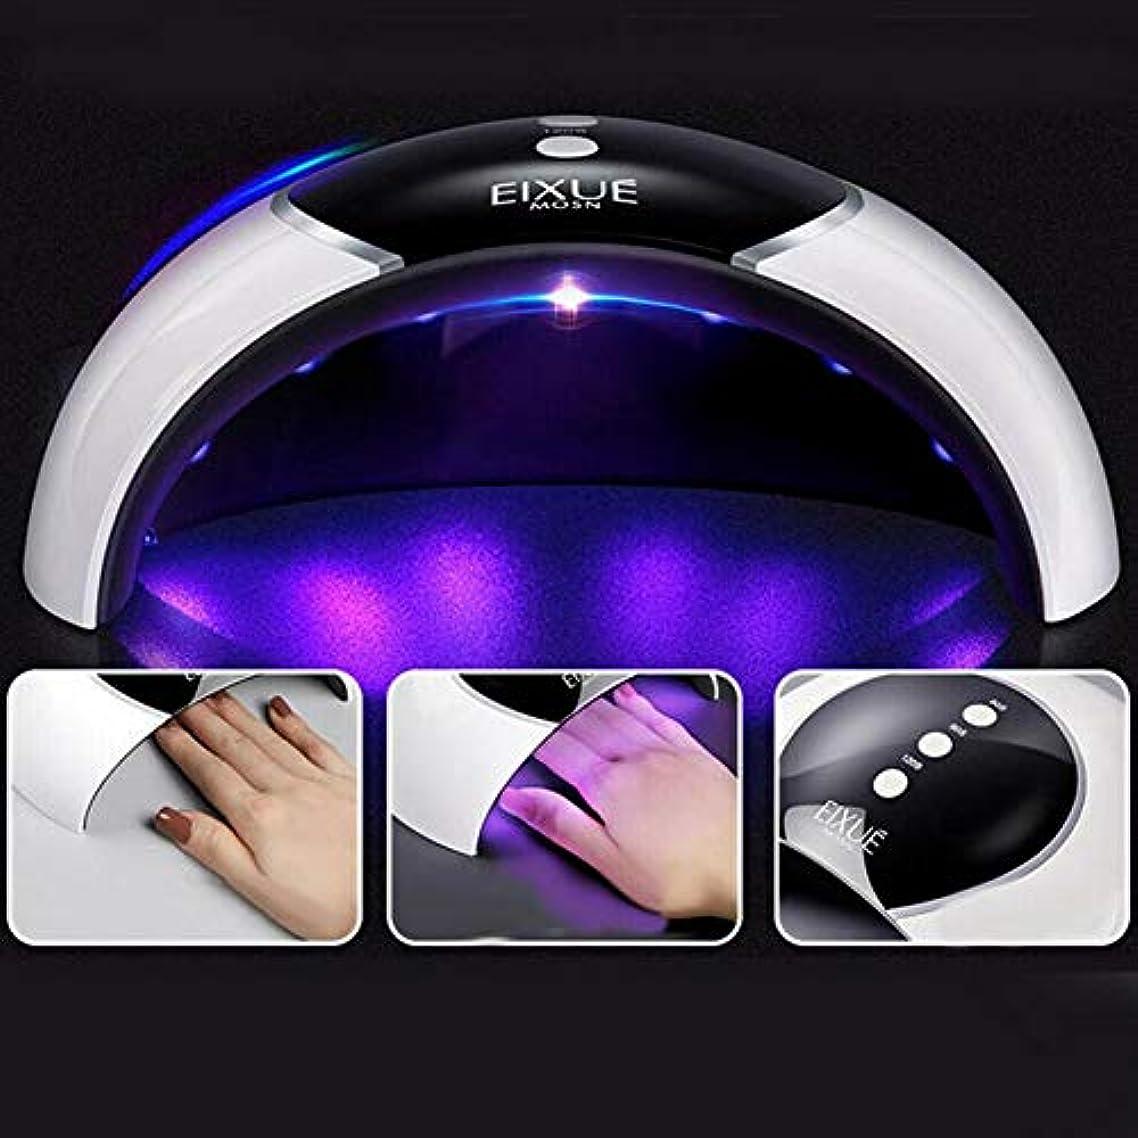 めんどり体プロテスタントMurakush   ネイル光線療法機 ネイルポリッシュ ベーキングランプ誘導 速乾燥 光療法ランプ UV LEDドライヤー ネイルアートツール